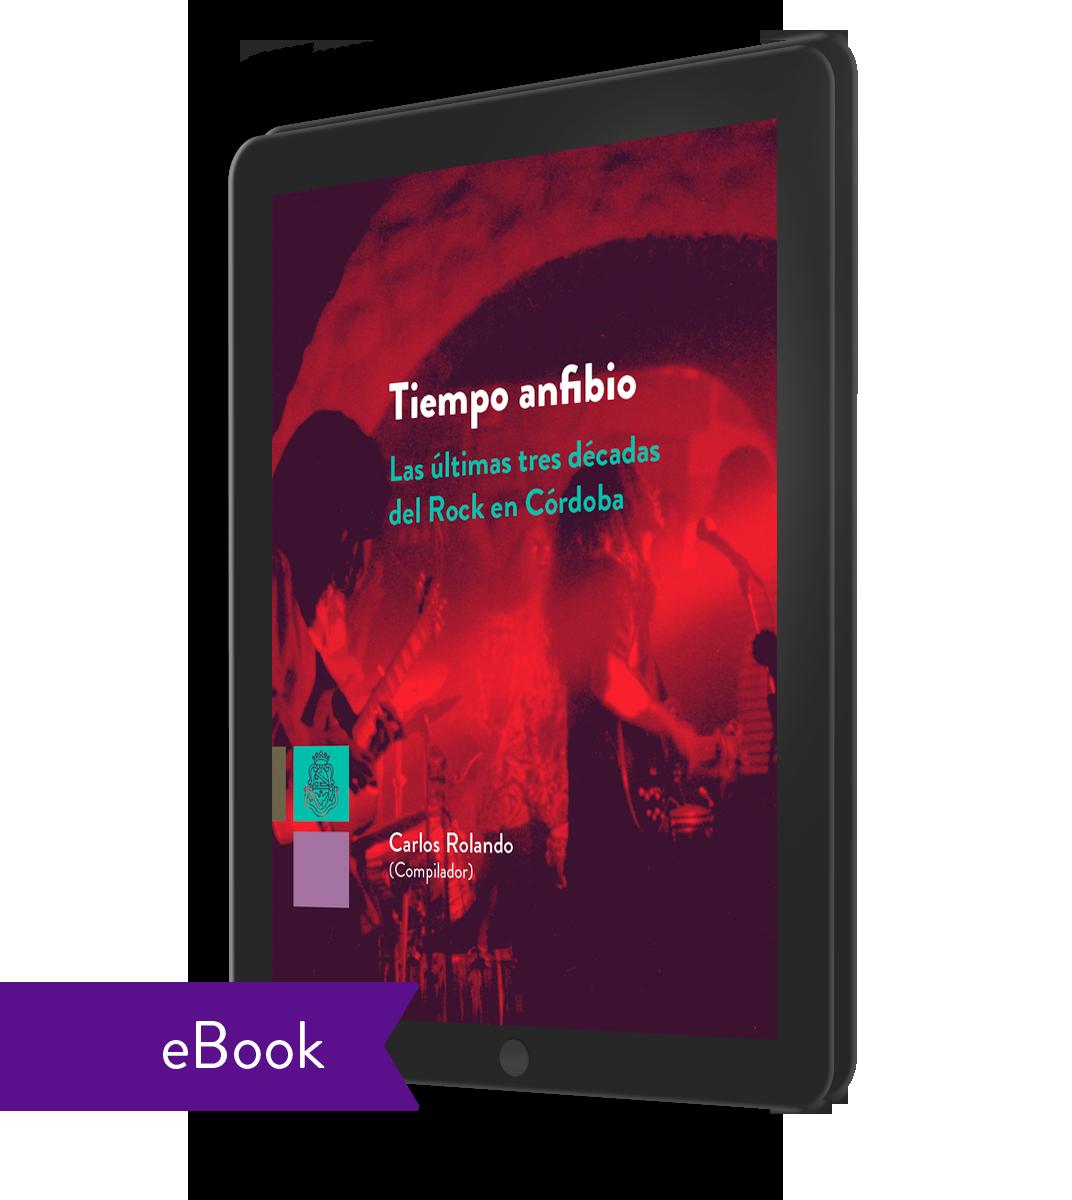 Ebook - Tiempo anfibio - OYR